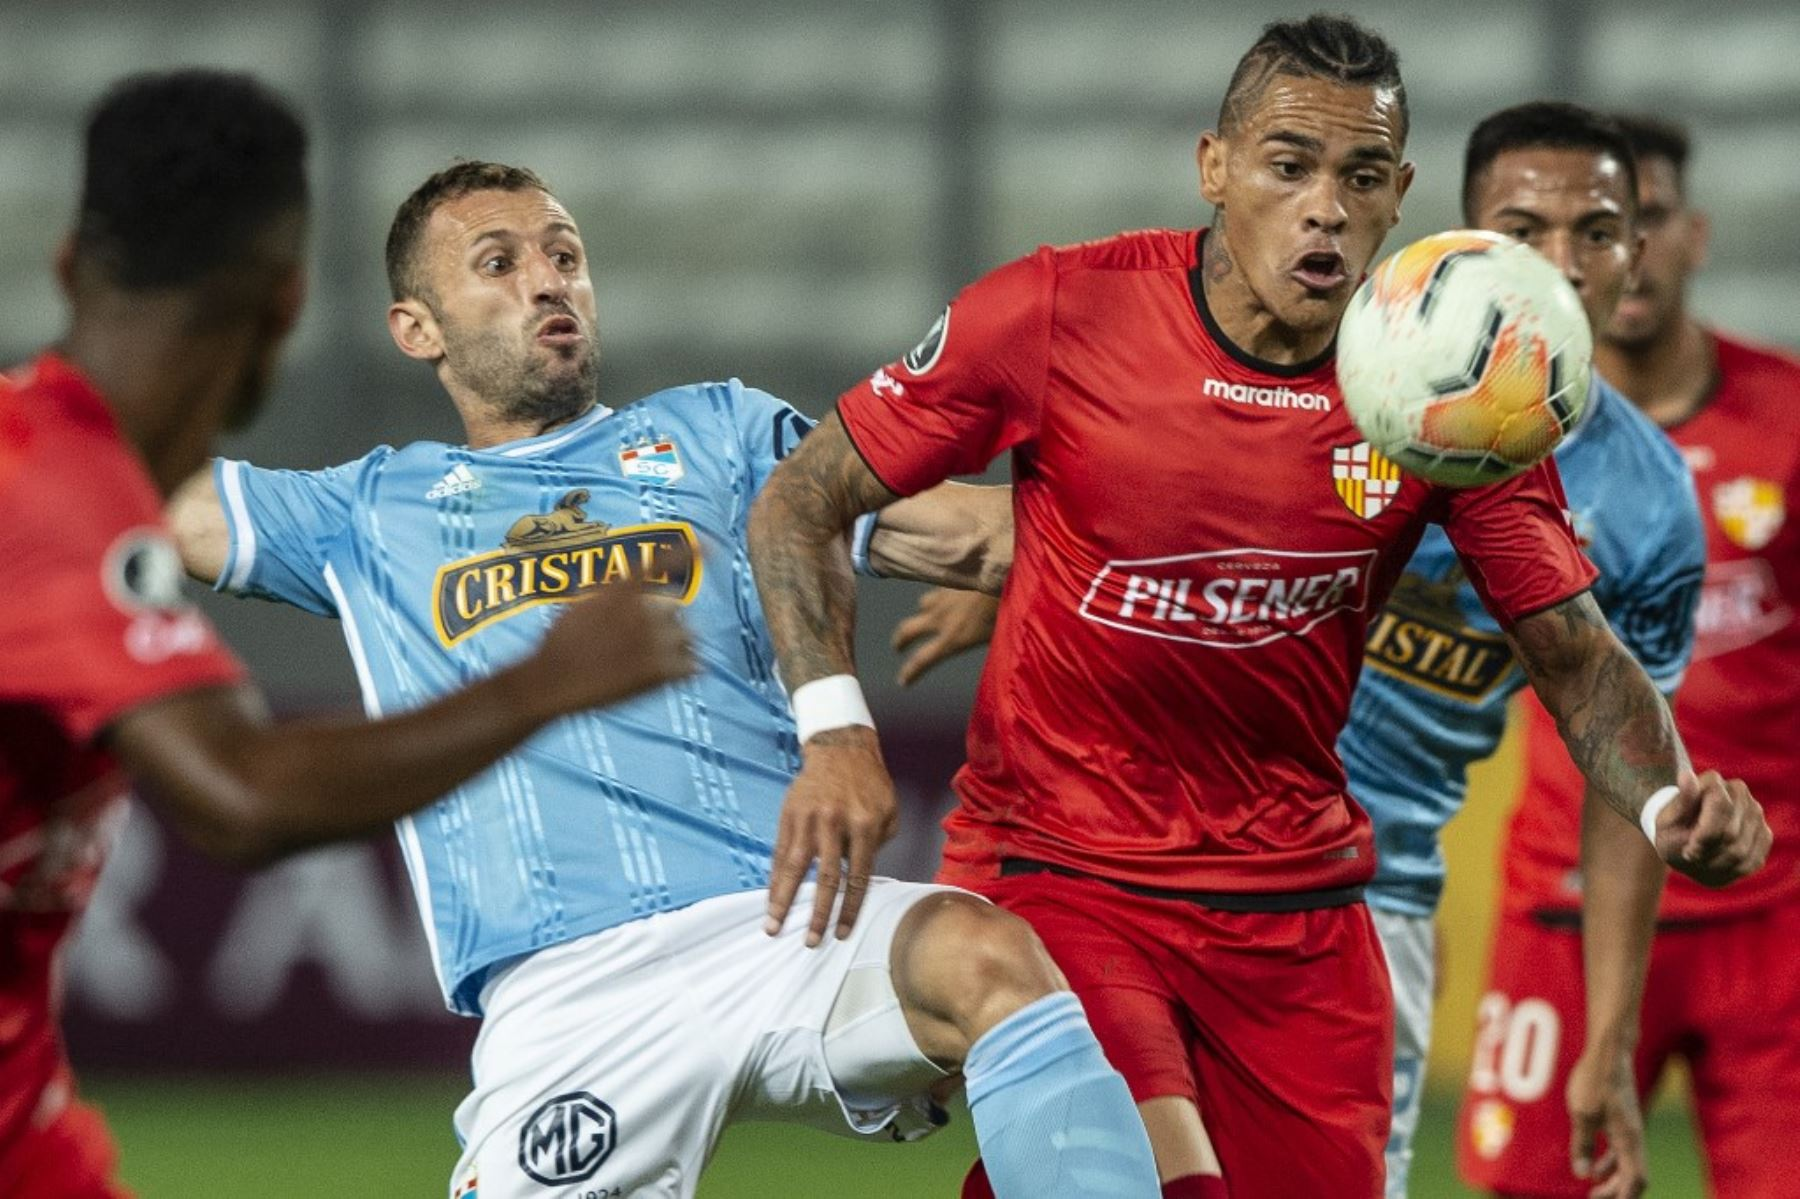 Cristal ganó 2-1 al Barcelona, pero quedó eliminado de la Copa Libertadores